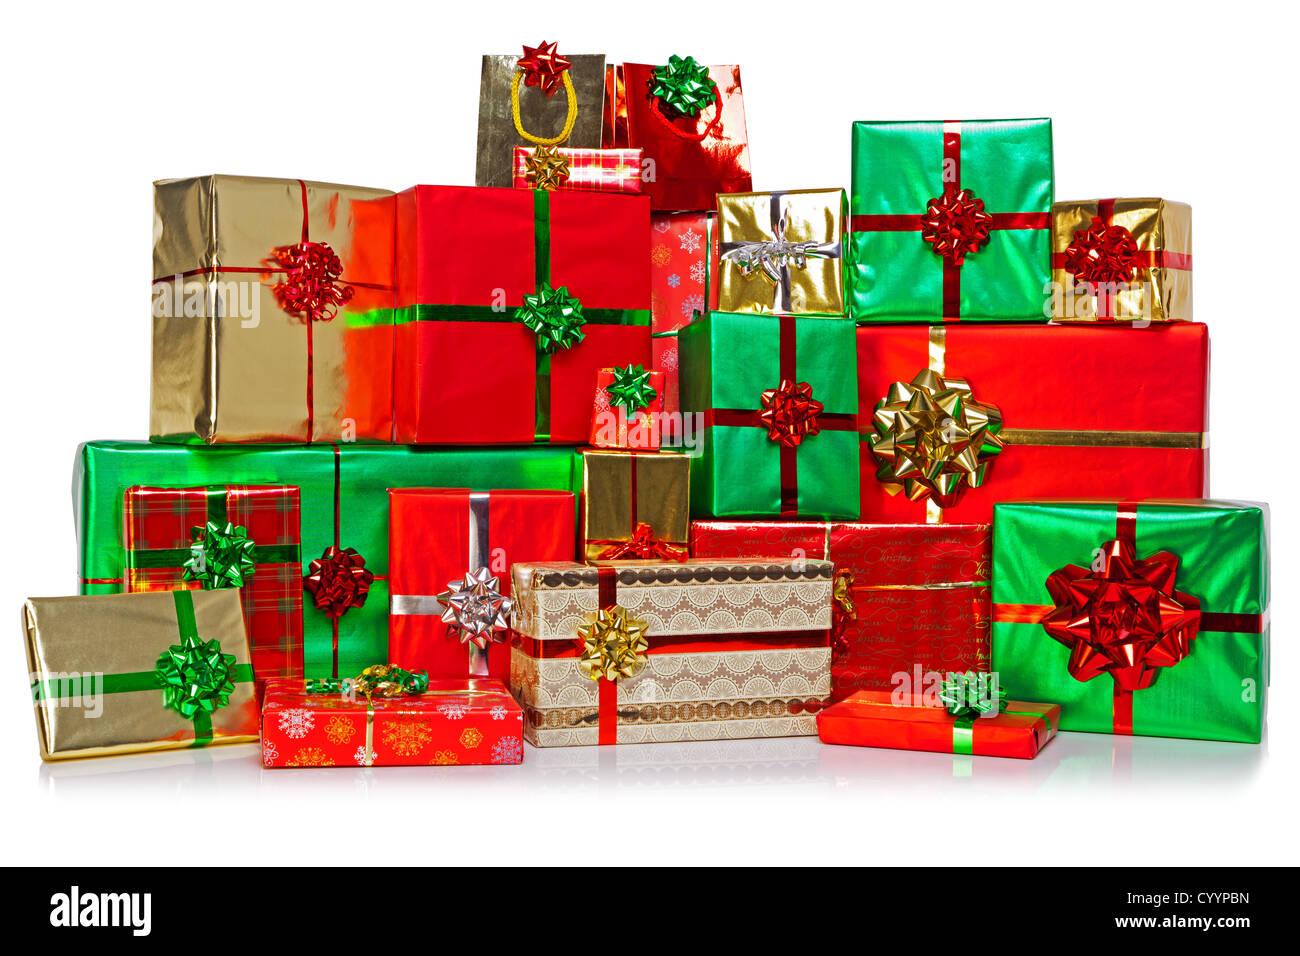 Eine große Gruppe von Geschenk verpackt Weihnachtsgeschenke in eine ...